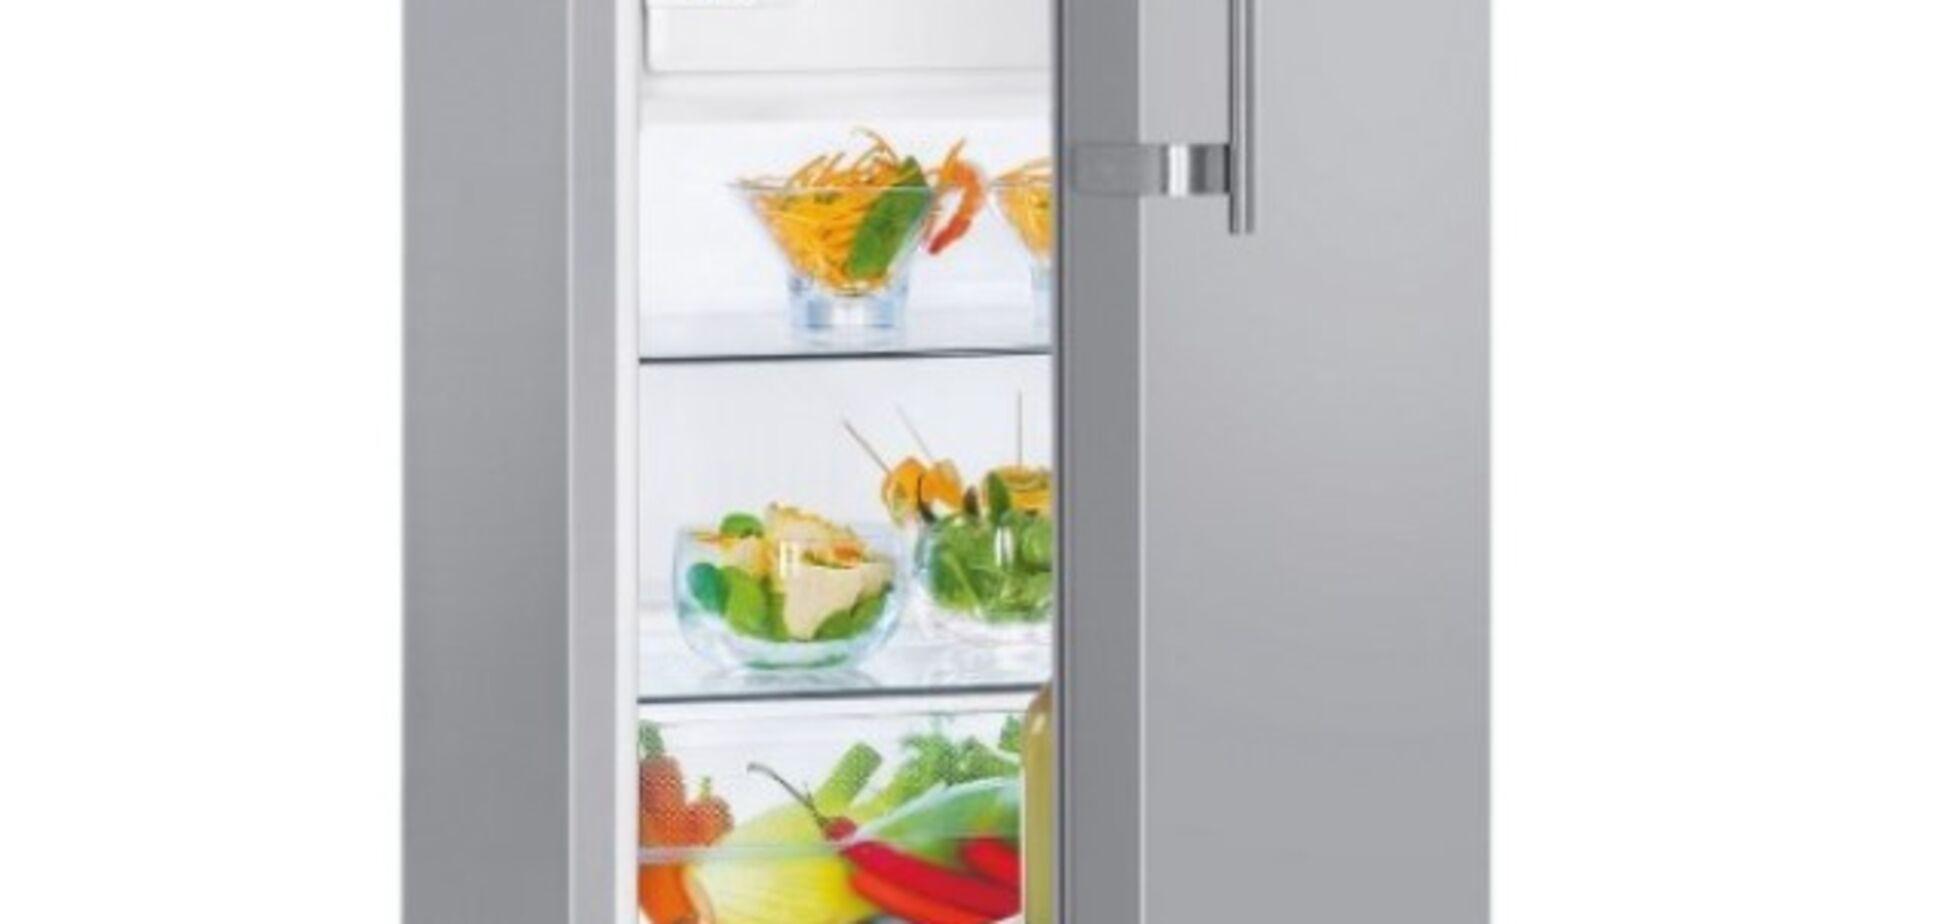 5 нюансов, которые нужно учесть при выборе холодильника